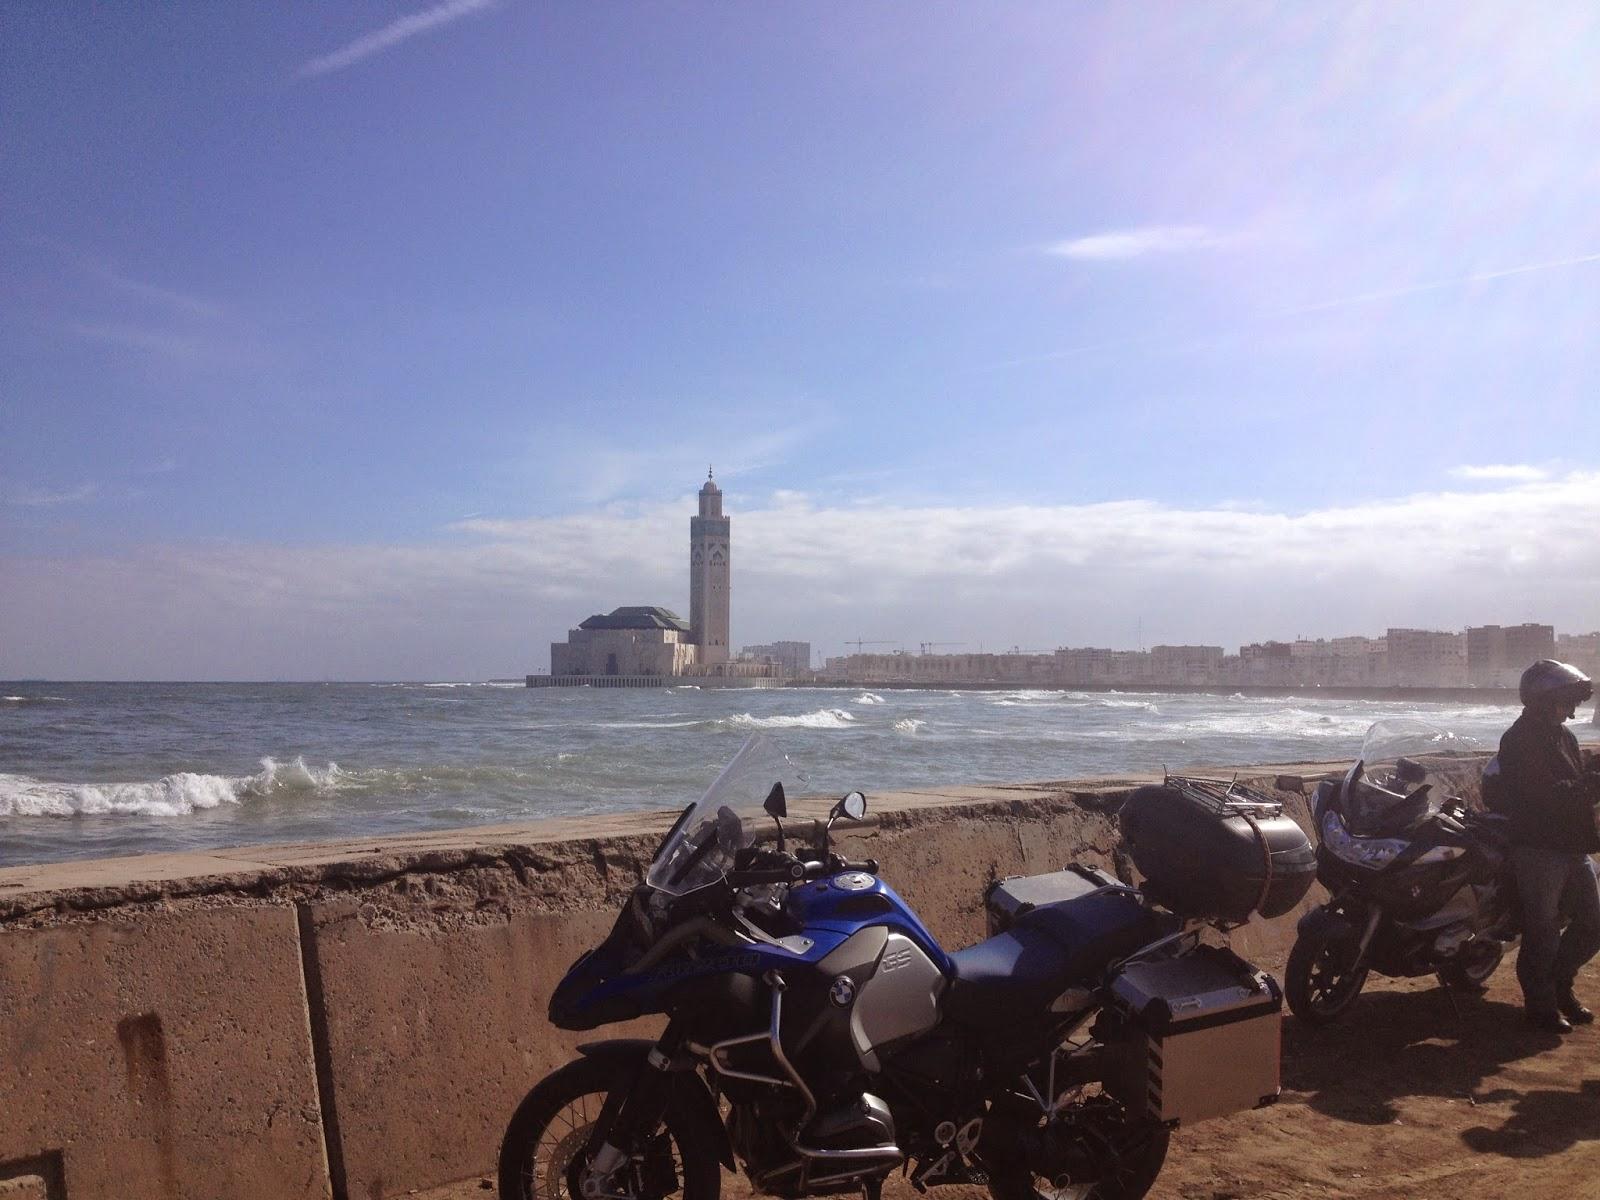 marrocos - Marrocos 2014 - O regresso  Proxy?url=http%3A%2F%2F4.bp.blogspot.com%2F-uDNTdtpWD30%2FVE-f2PAArMI%2FAAAAAAAADxA%2FHxXoR4LWavc%2Fs1600%2F2014-10-06%252B10.54.32